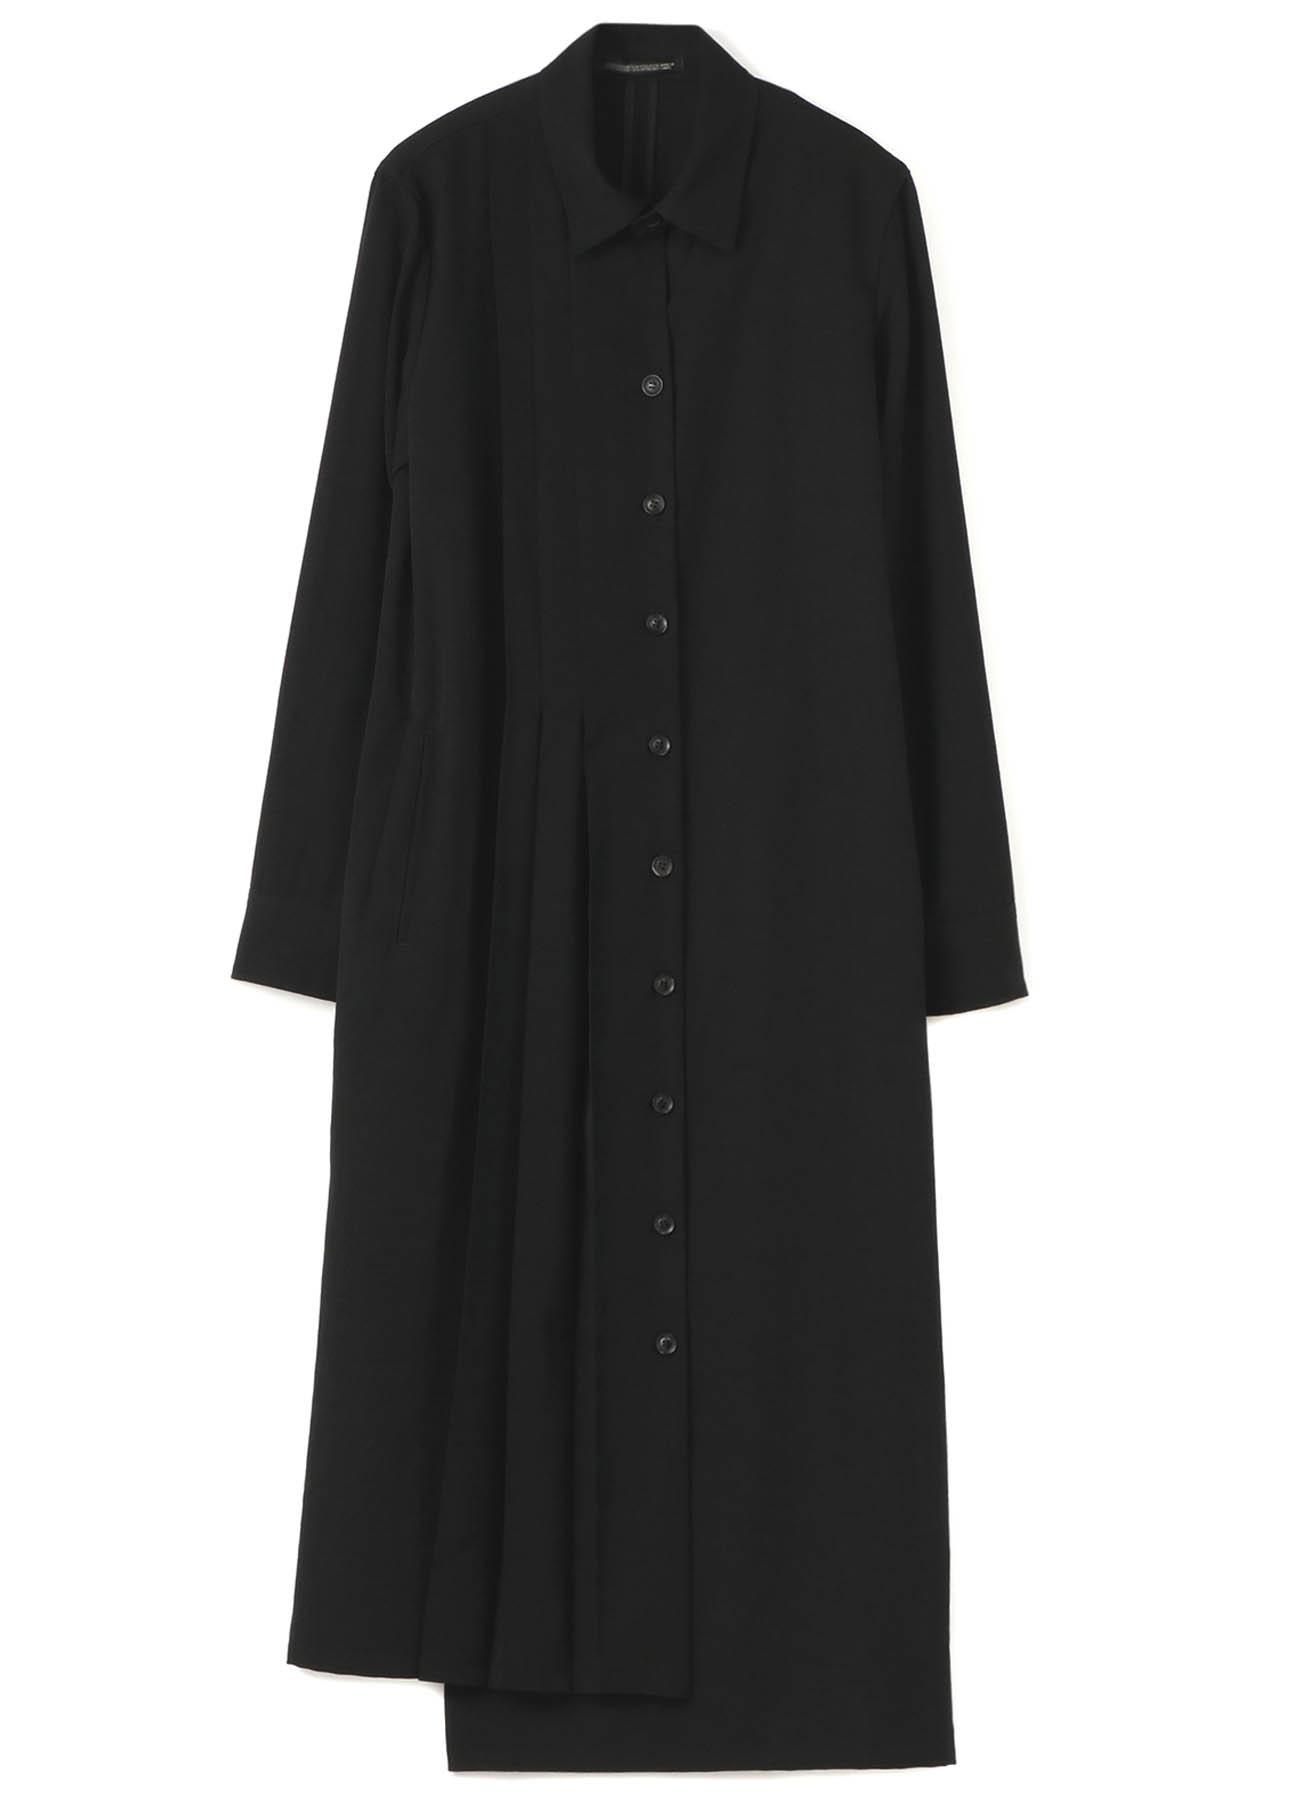 シワギャバプリーツドレス